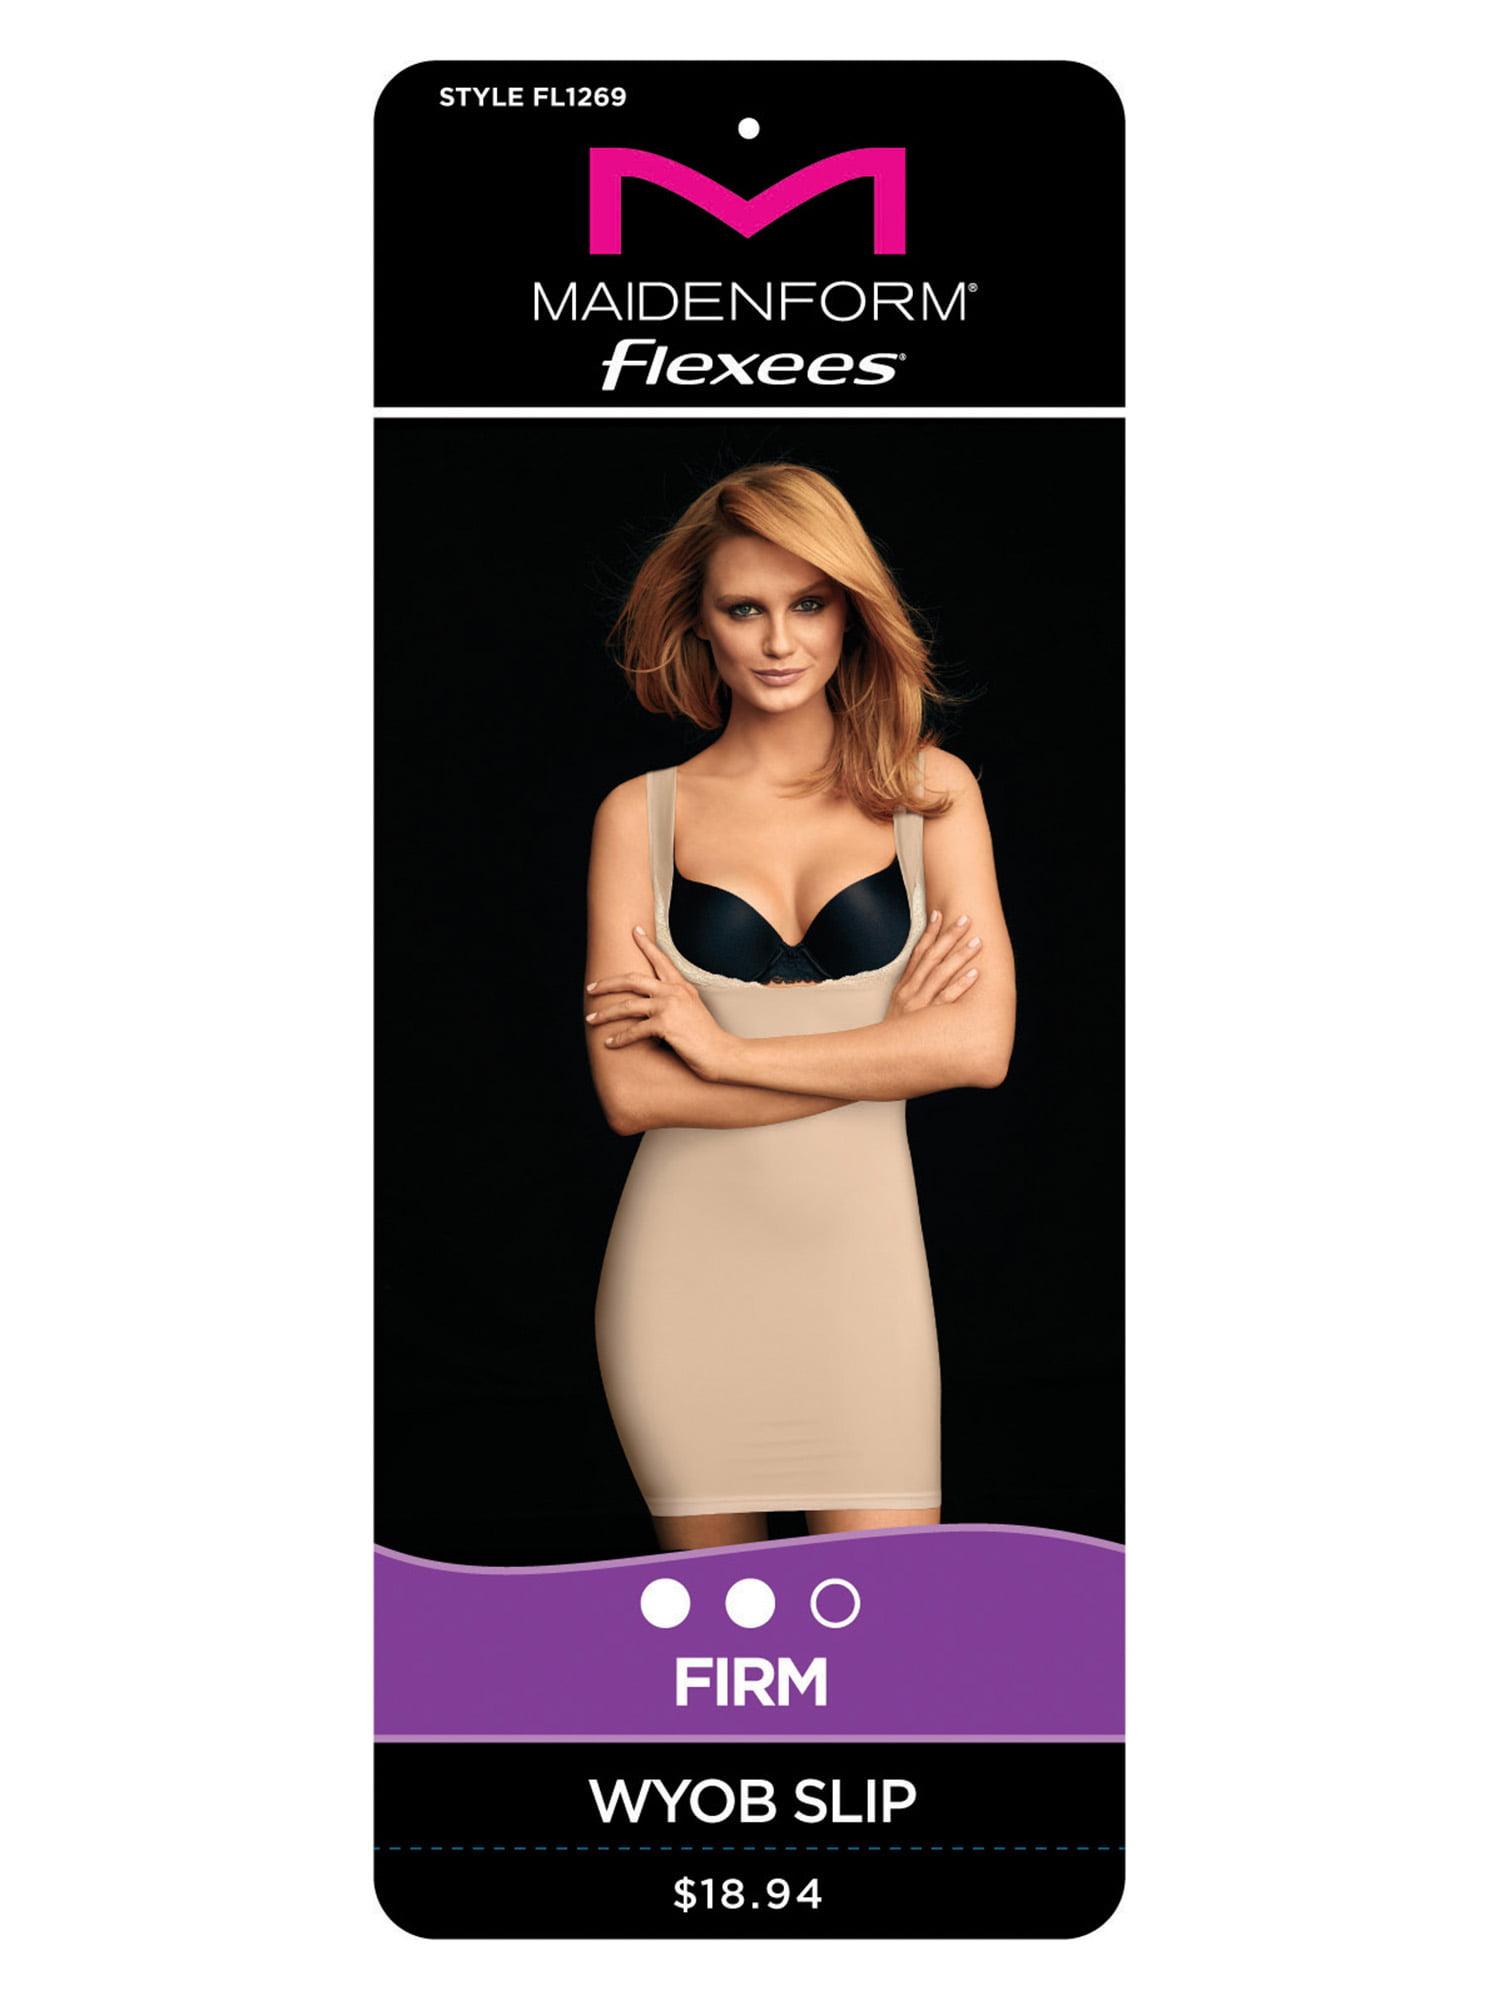 e81279d798cab Flexees by Maidenform - Firm WYOB Slip Shapewear - Walmart.com